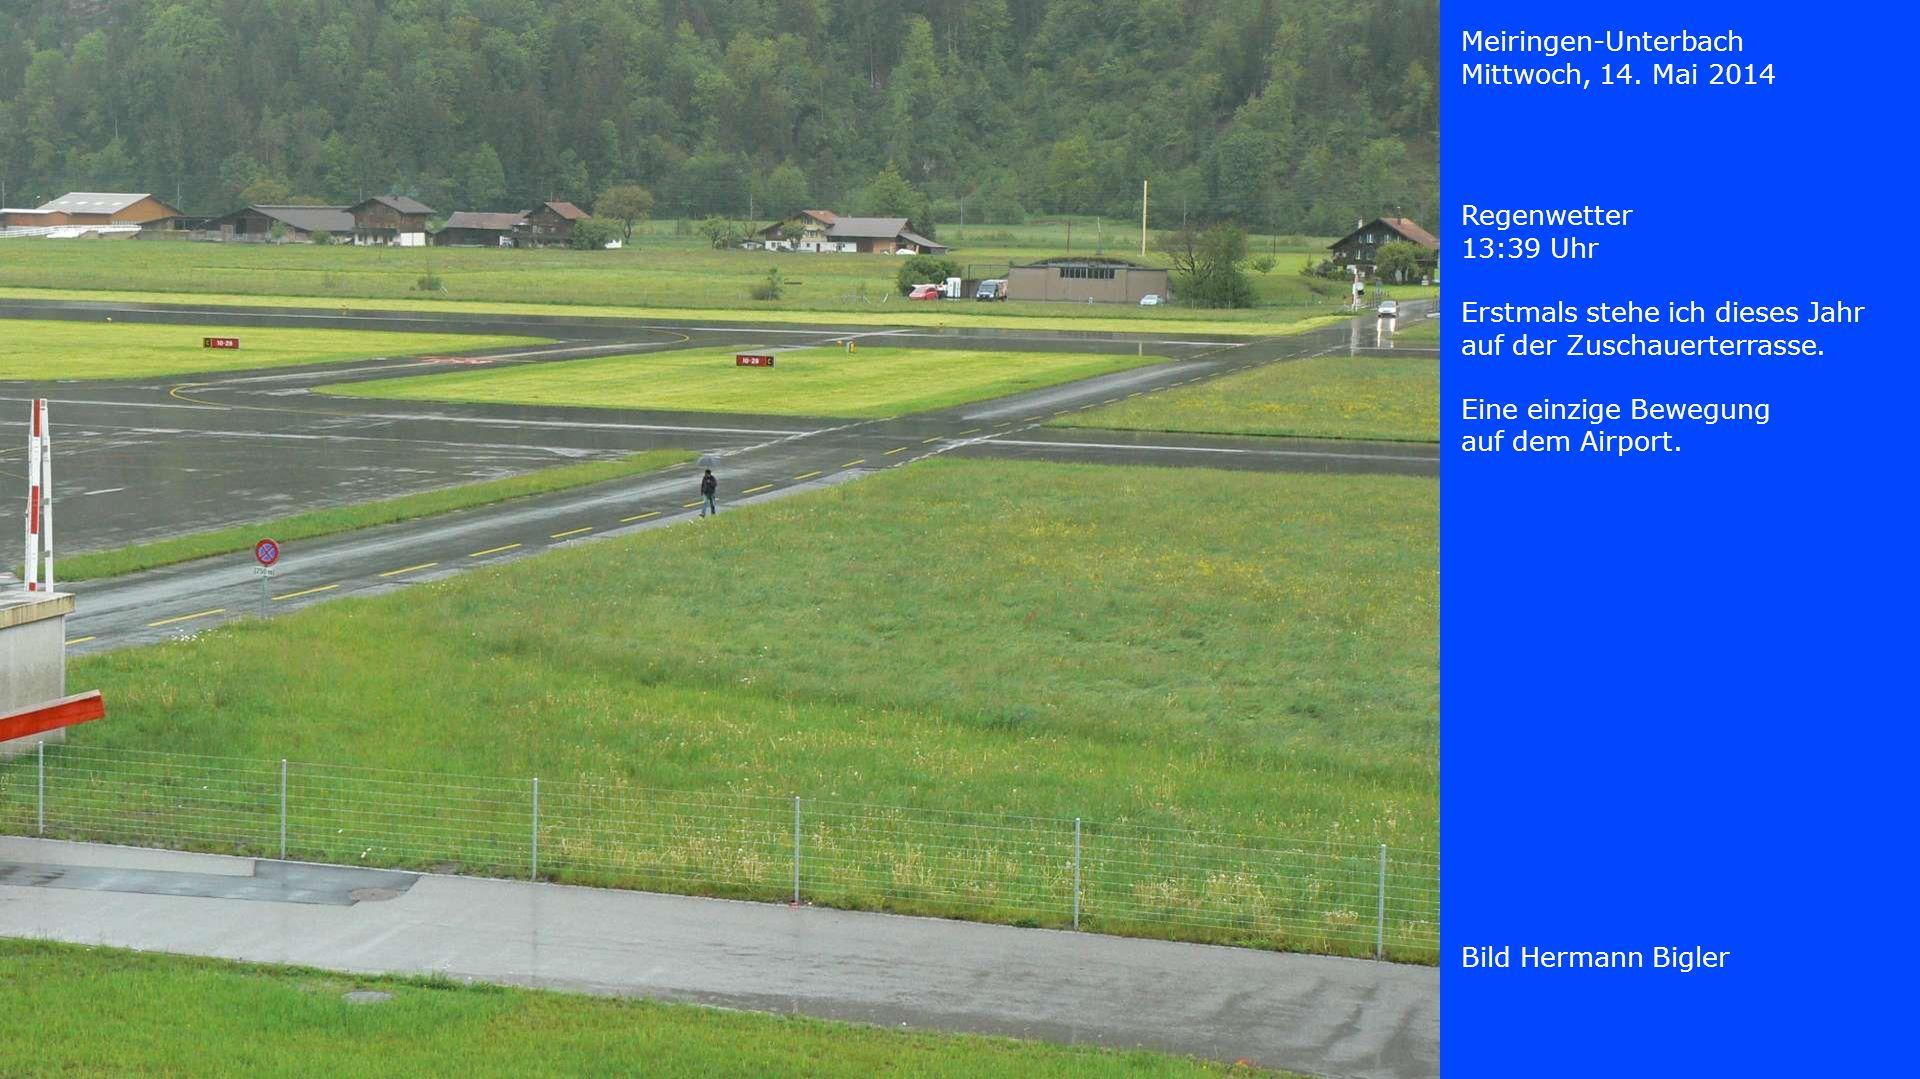 Meiringen-Unterbach Mittwoch, 14. Mai 2014. Regenwetter. 13:39 Uhr. Erstmals stehe ich dieses Jahr auf der Zuschauerterrasse.